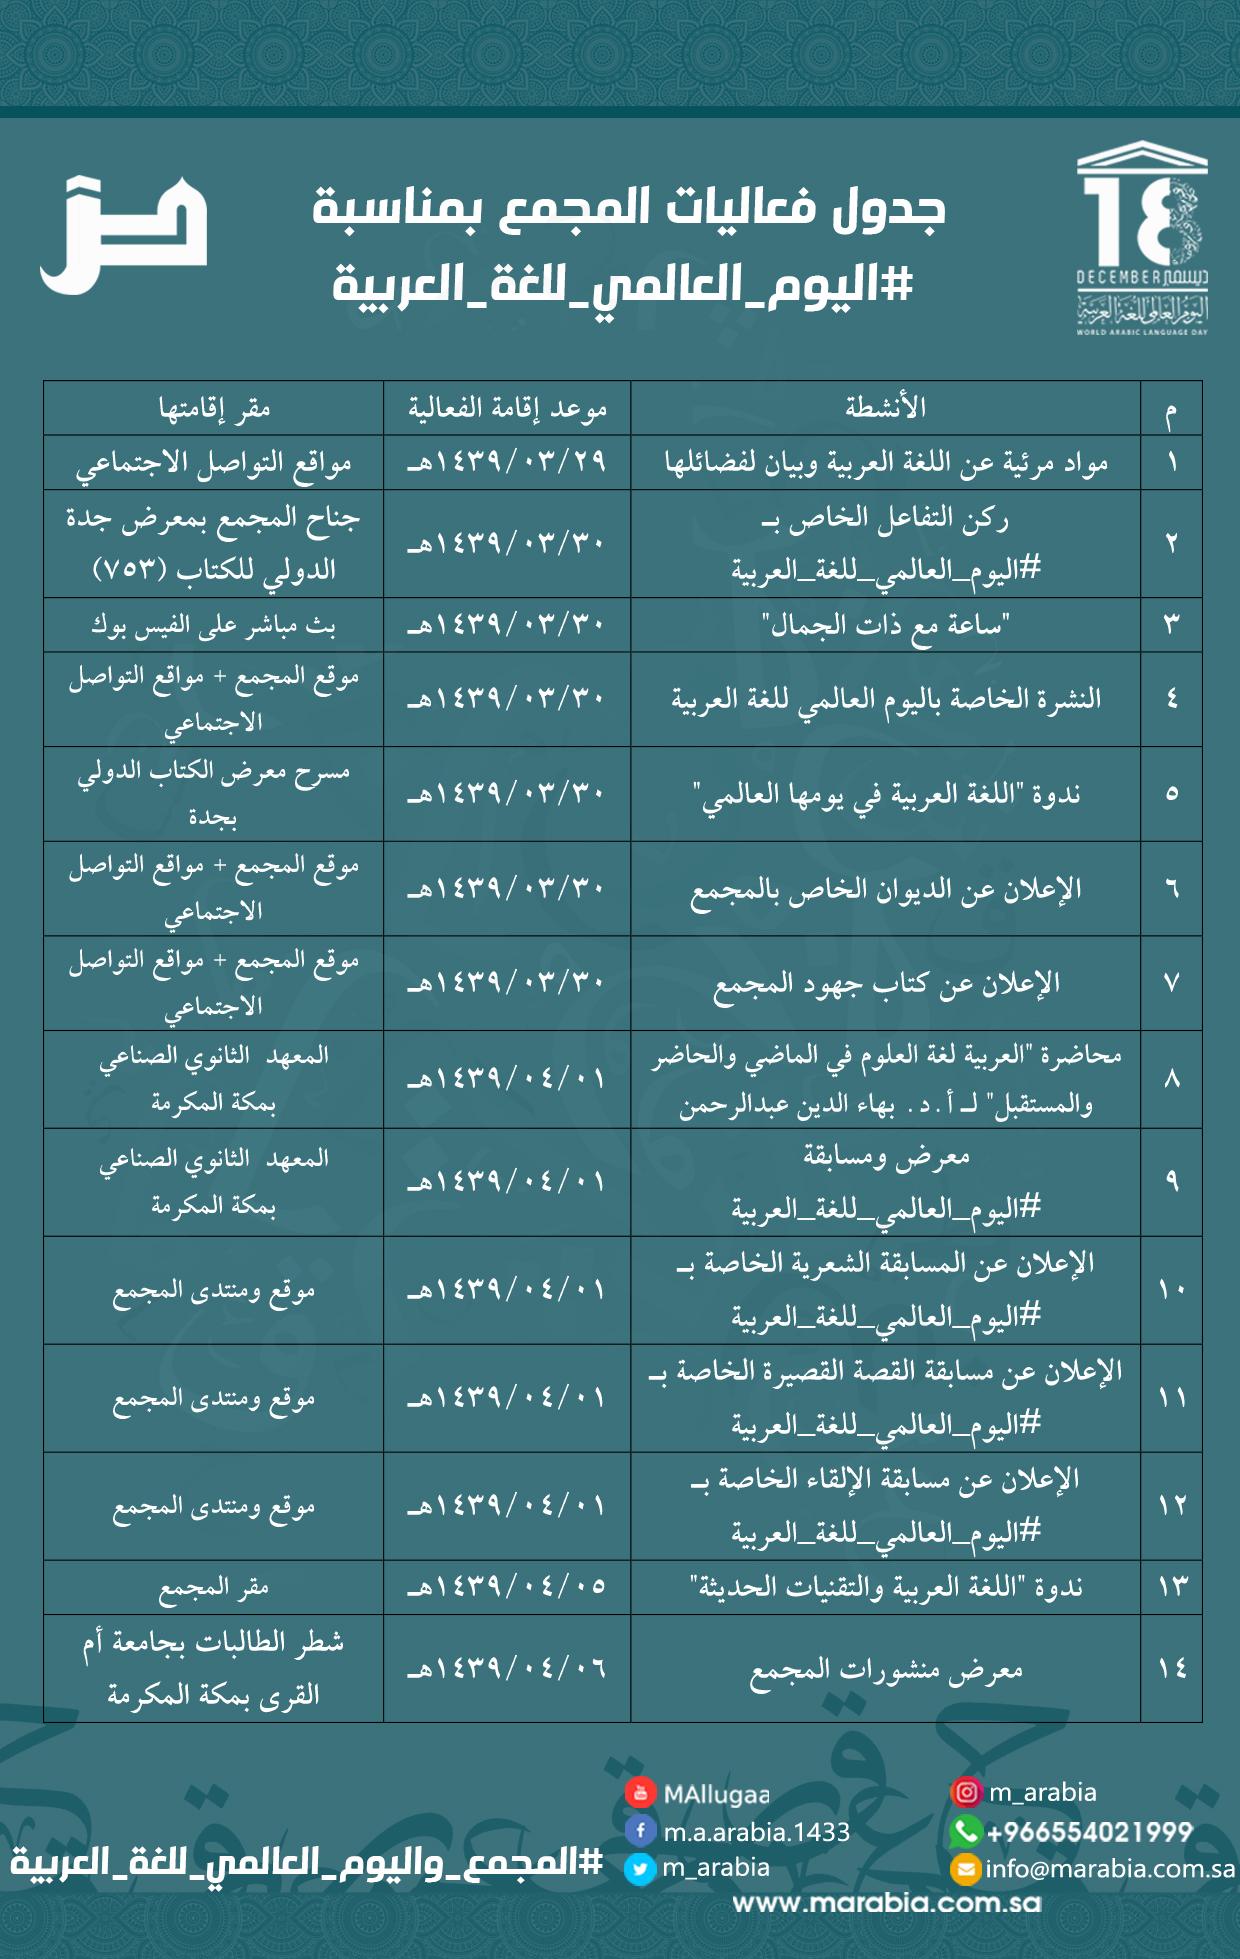 جدول الفعاليات بمناسبة اليوم العالمي للغة العربية